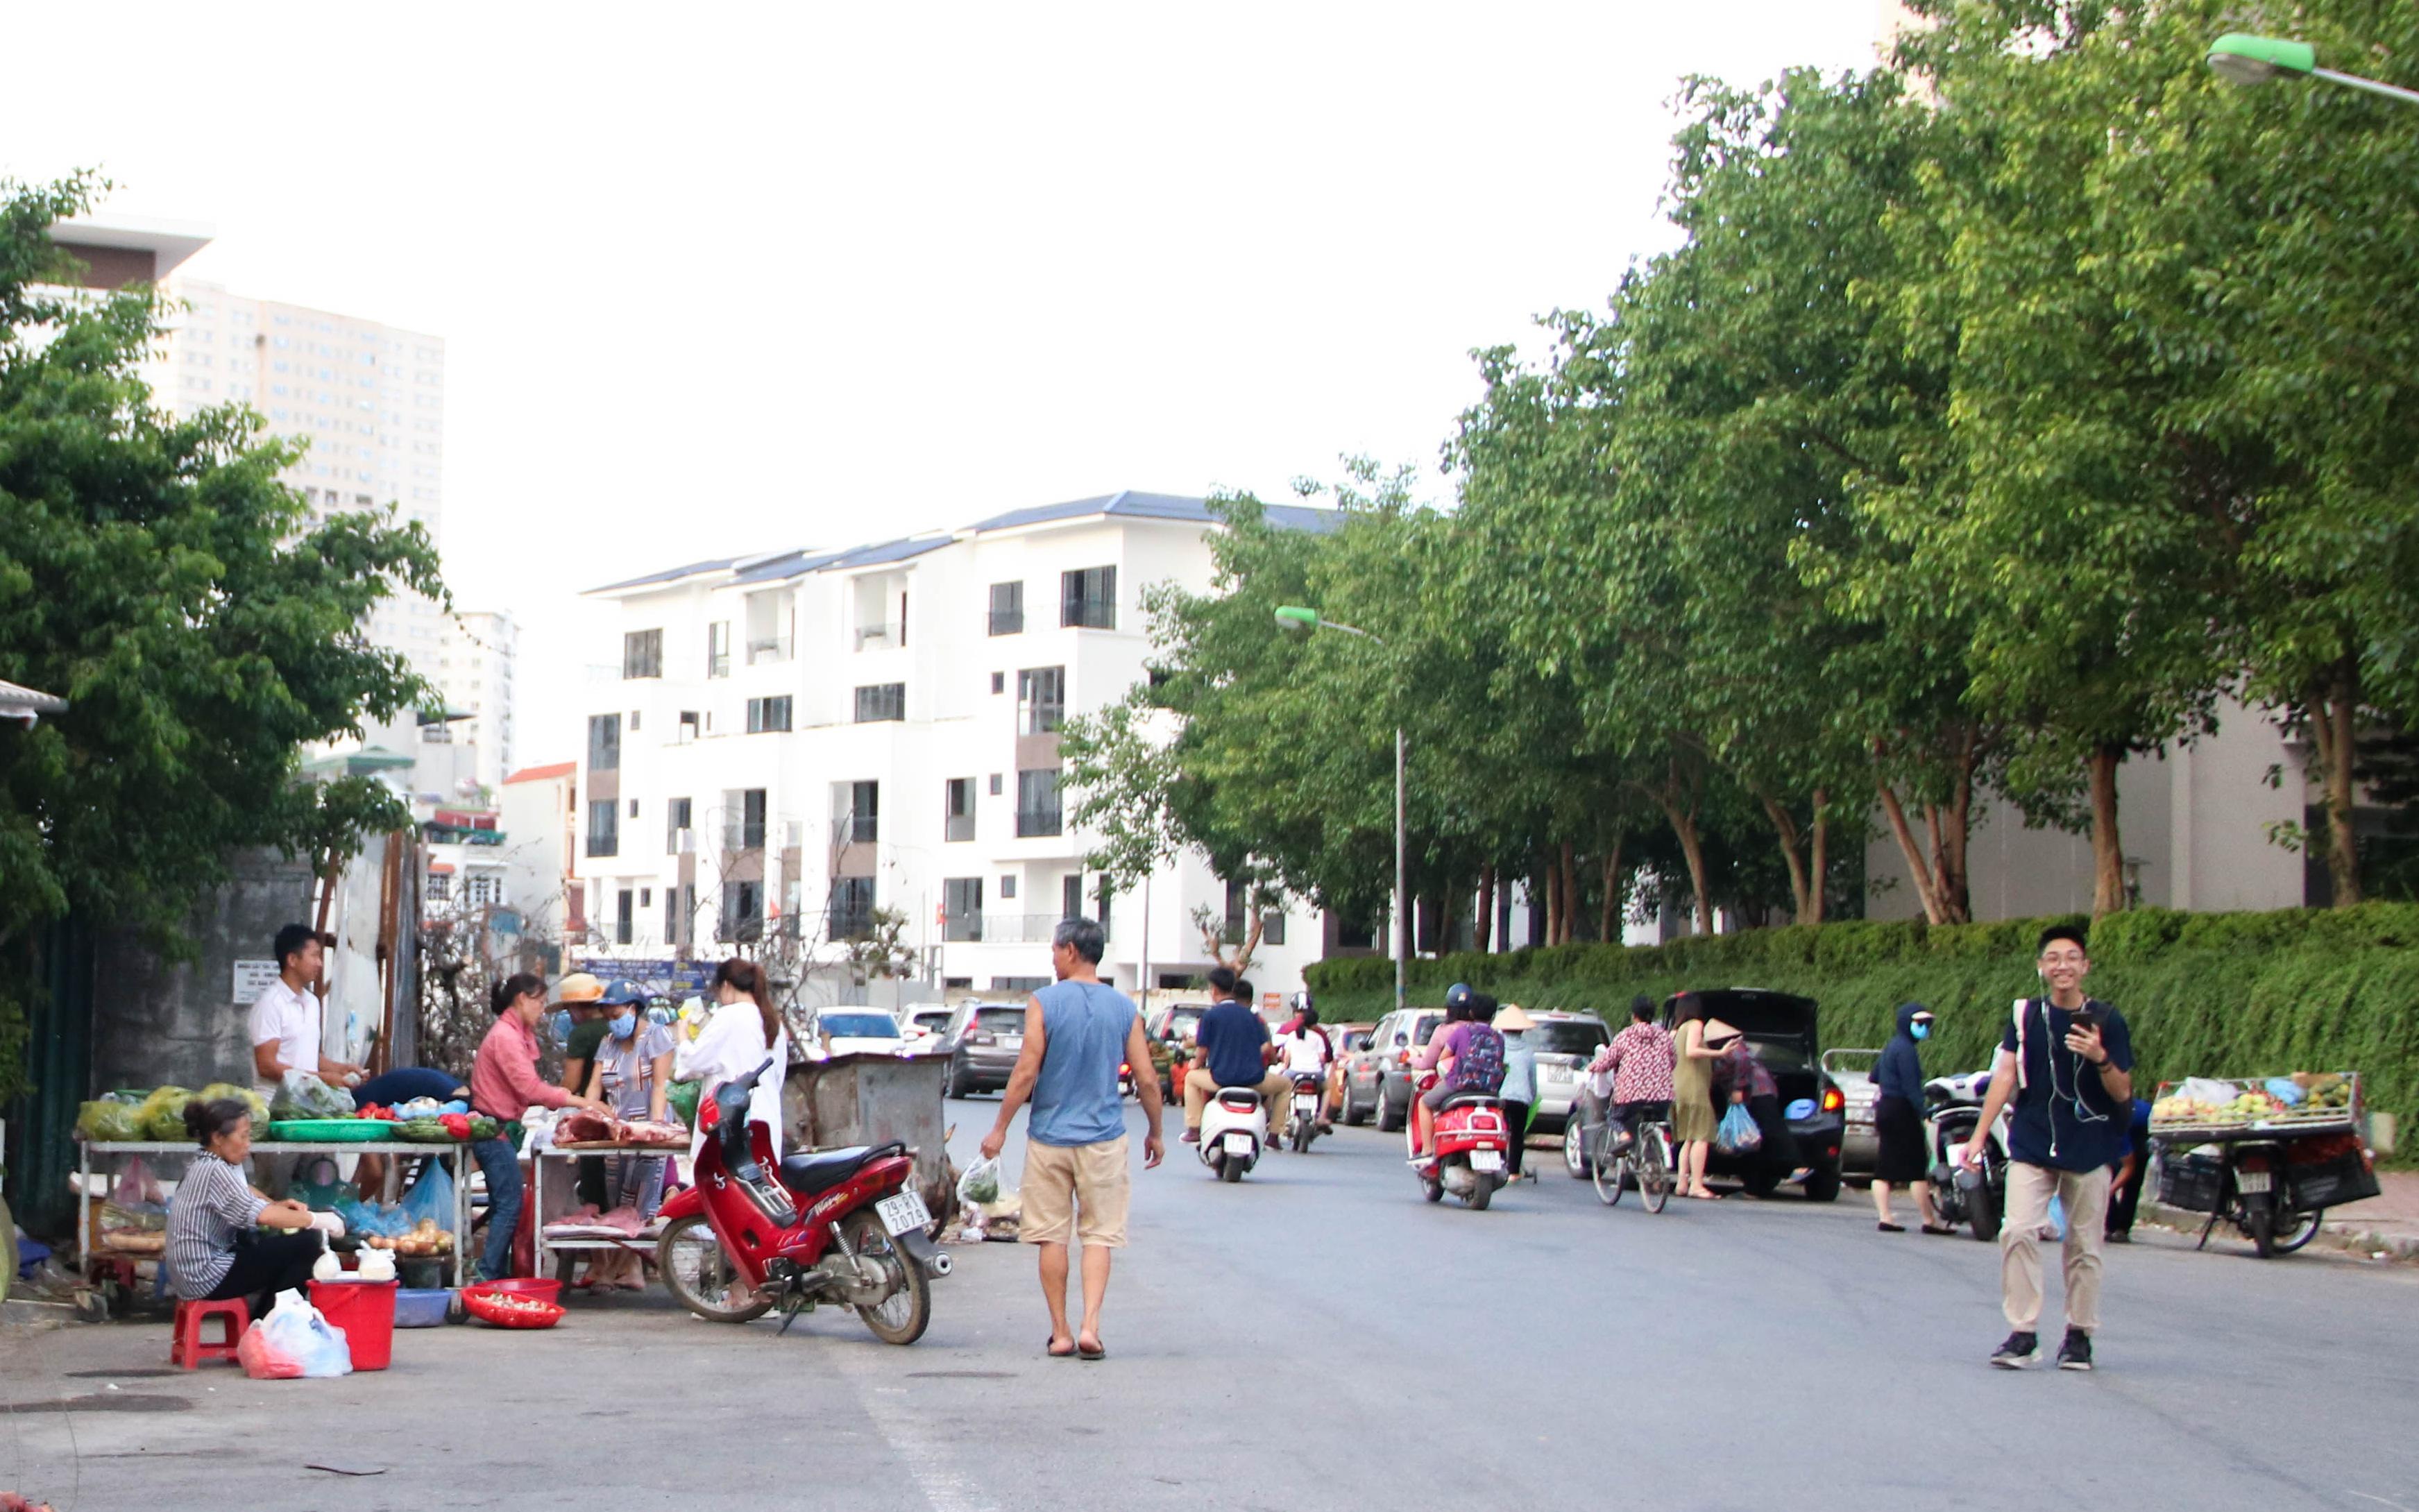 Hà Nội: Kinh hãi rác thải bốc mùi chất đống ngay cạnh chợ dân sinh